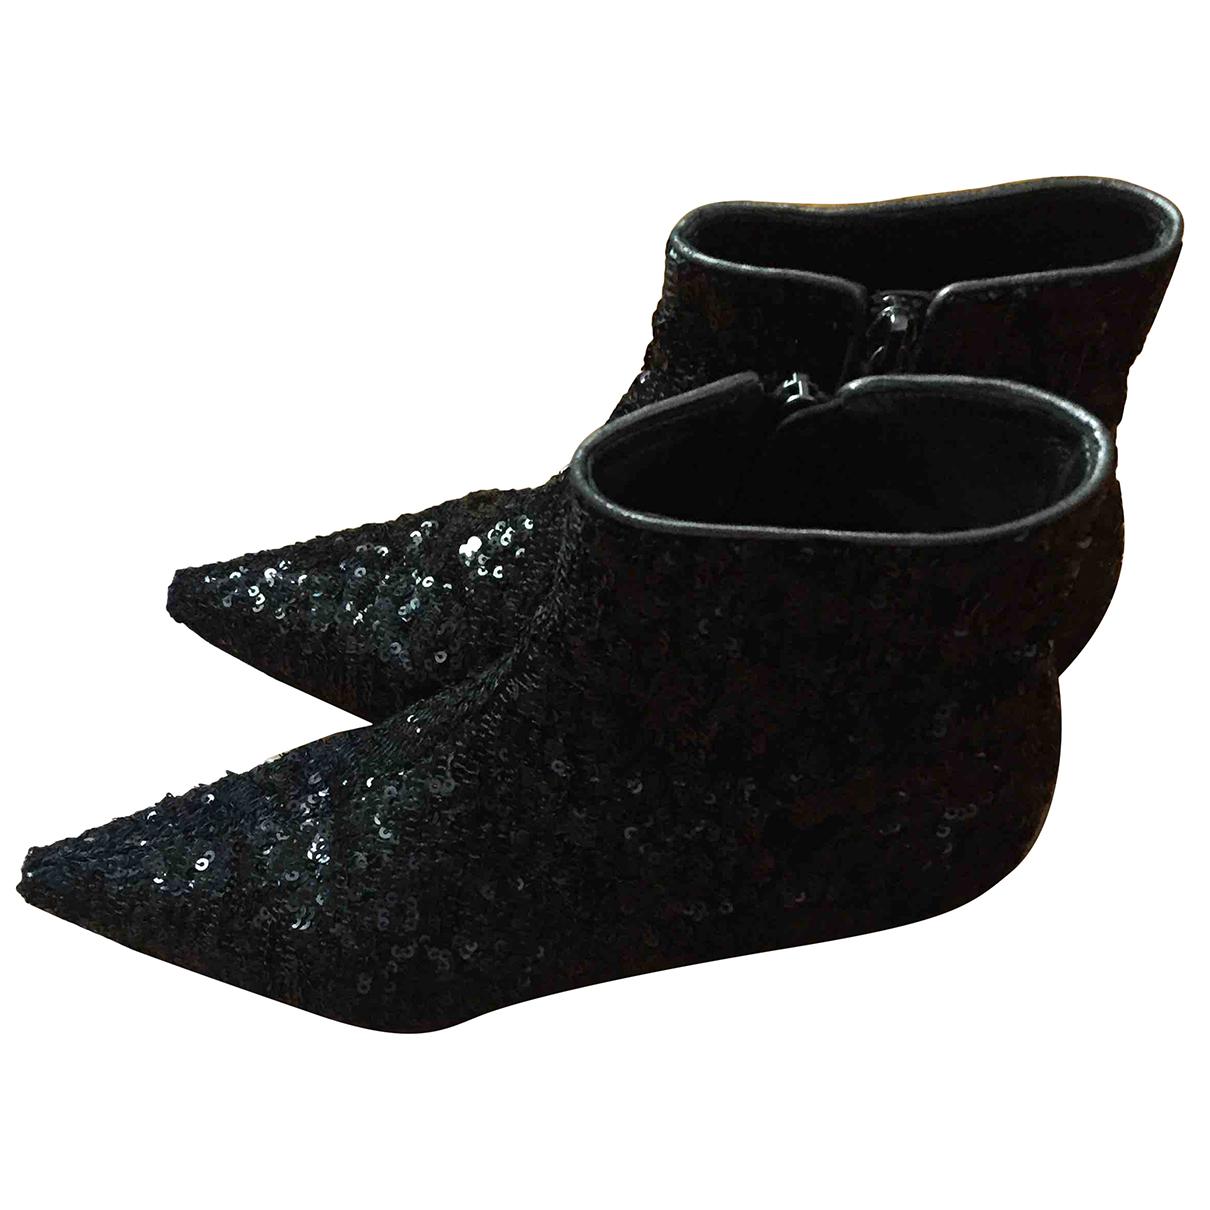 Dolce & Gabbana - Boots   pour femme en a paillettes - noir